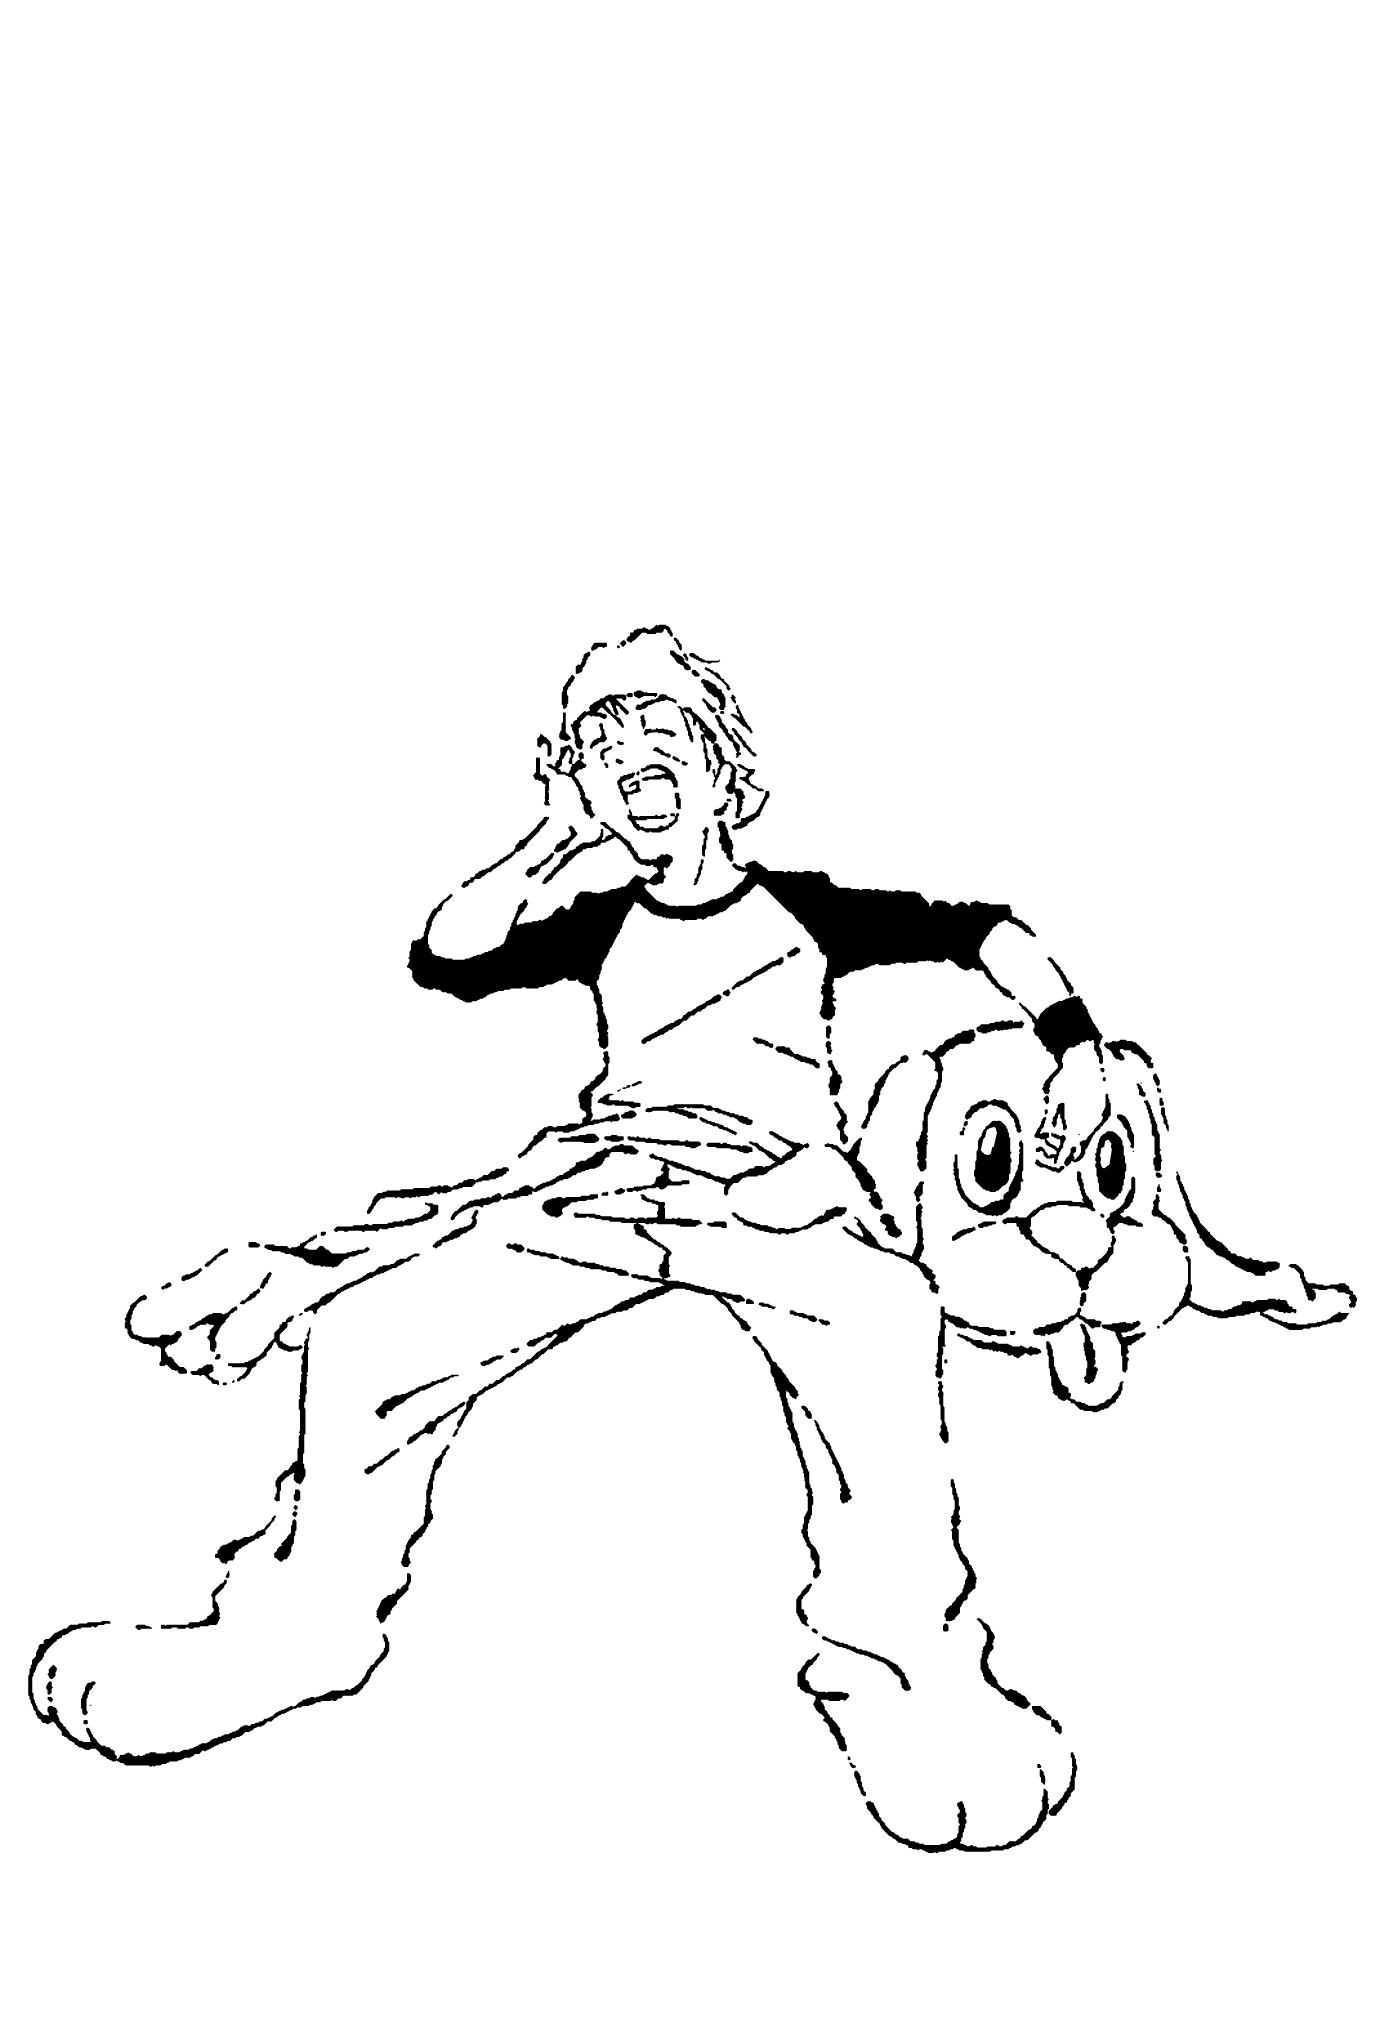 2018年賀状08-3:Work like a dog / line drawingのダウンロード画像